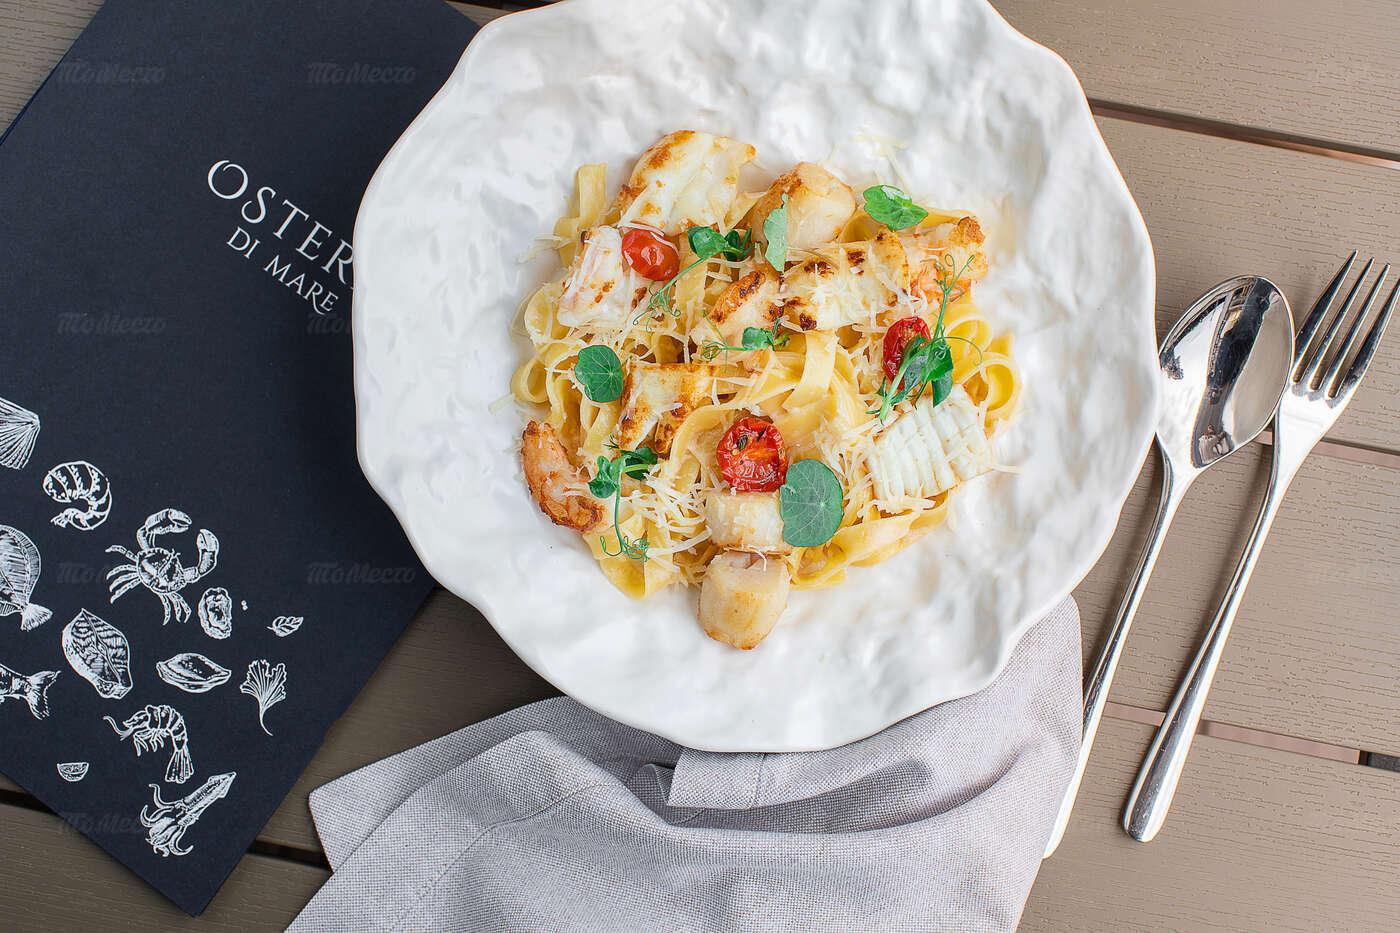 Меню ресторана Osteria di mare на Шелепихинской набережной фото 16